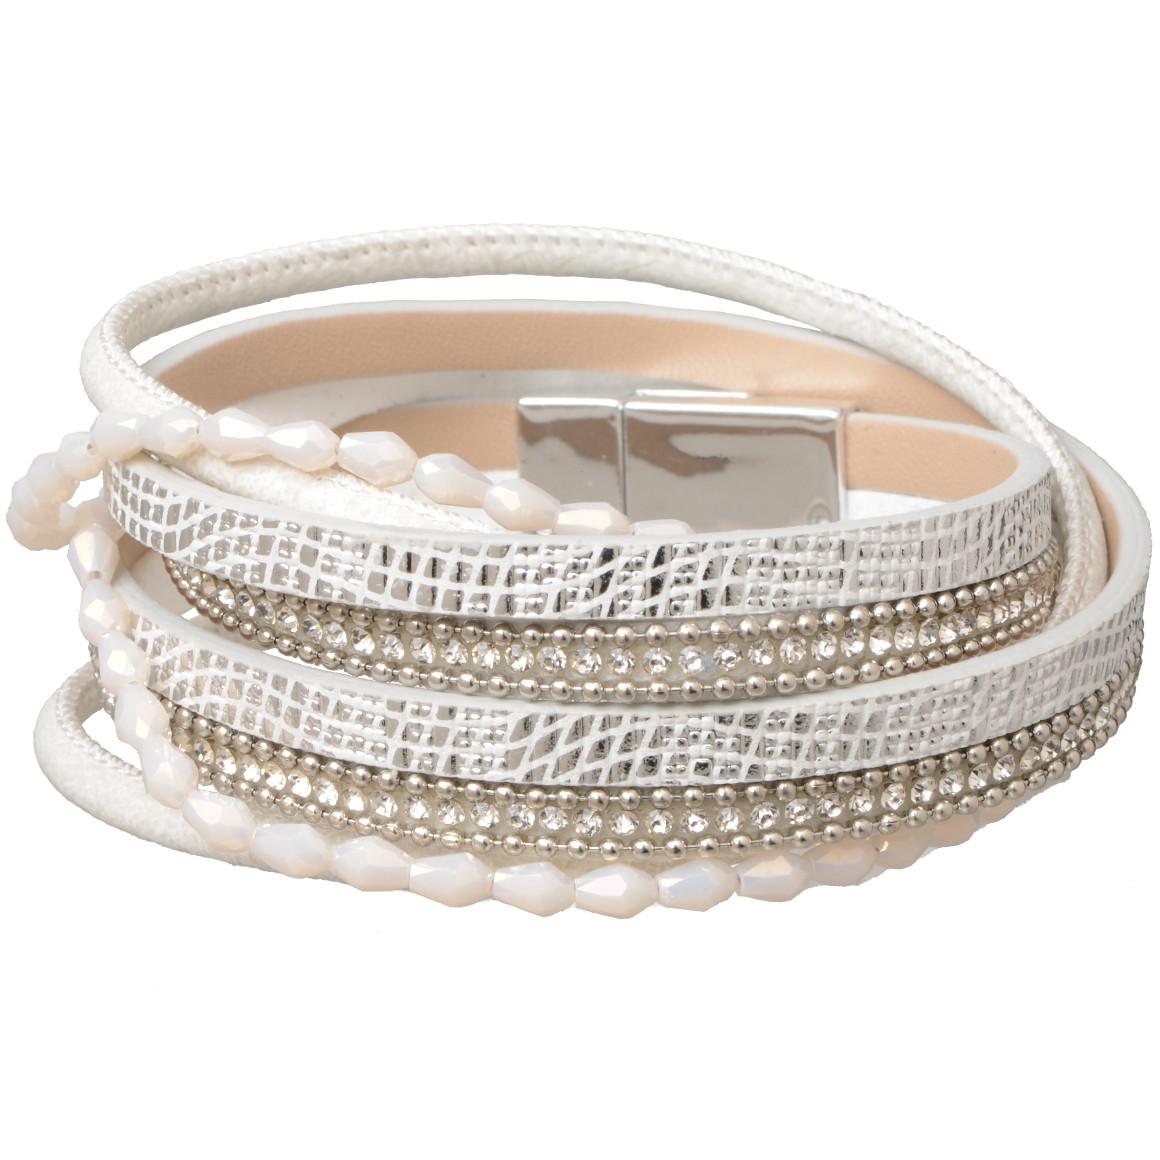 Damen Wickelarmband mit Magnetverschluss - broschei